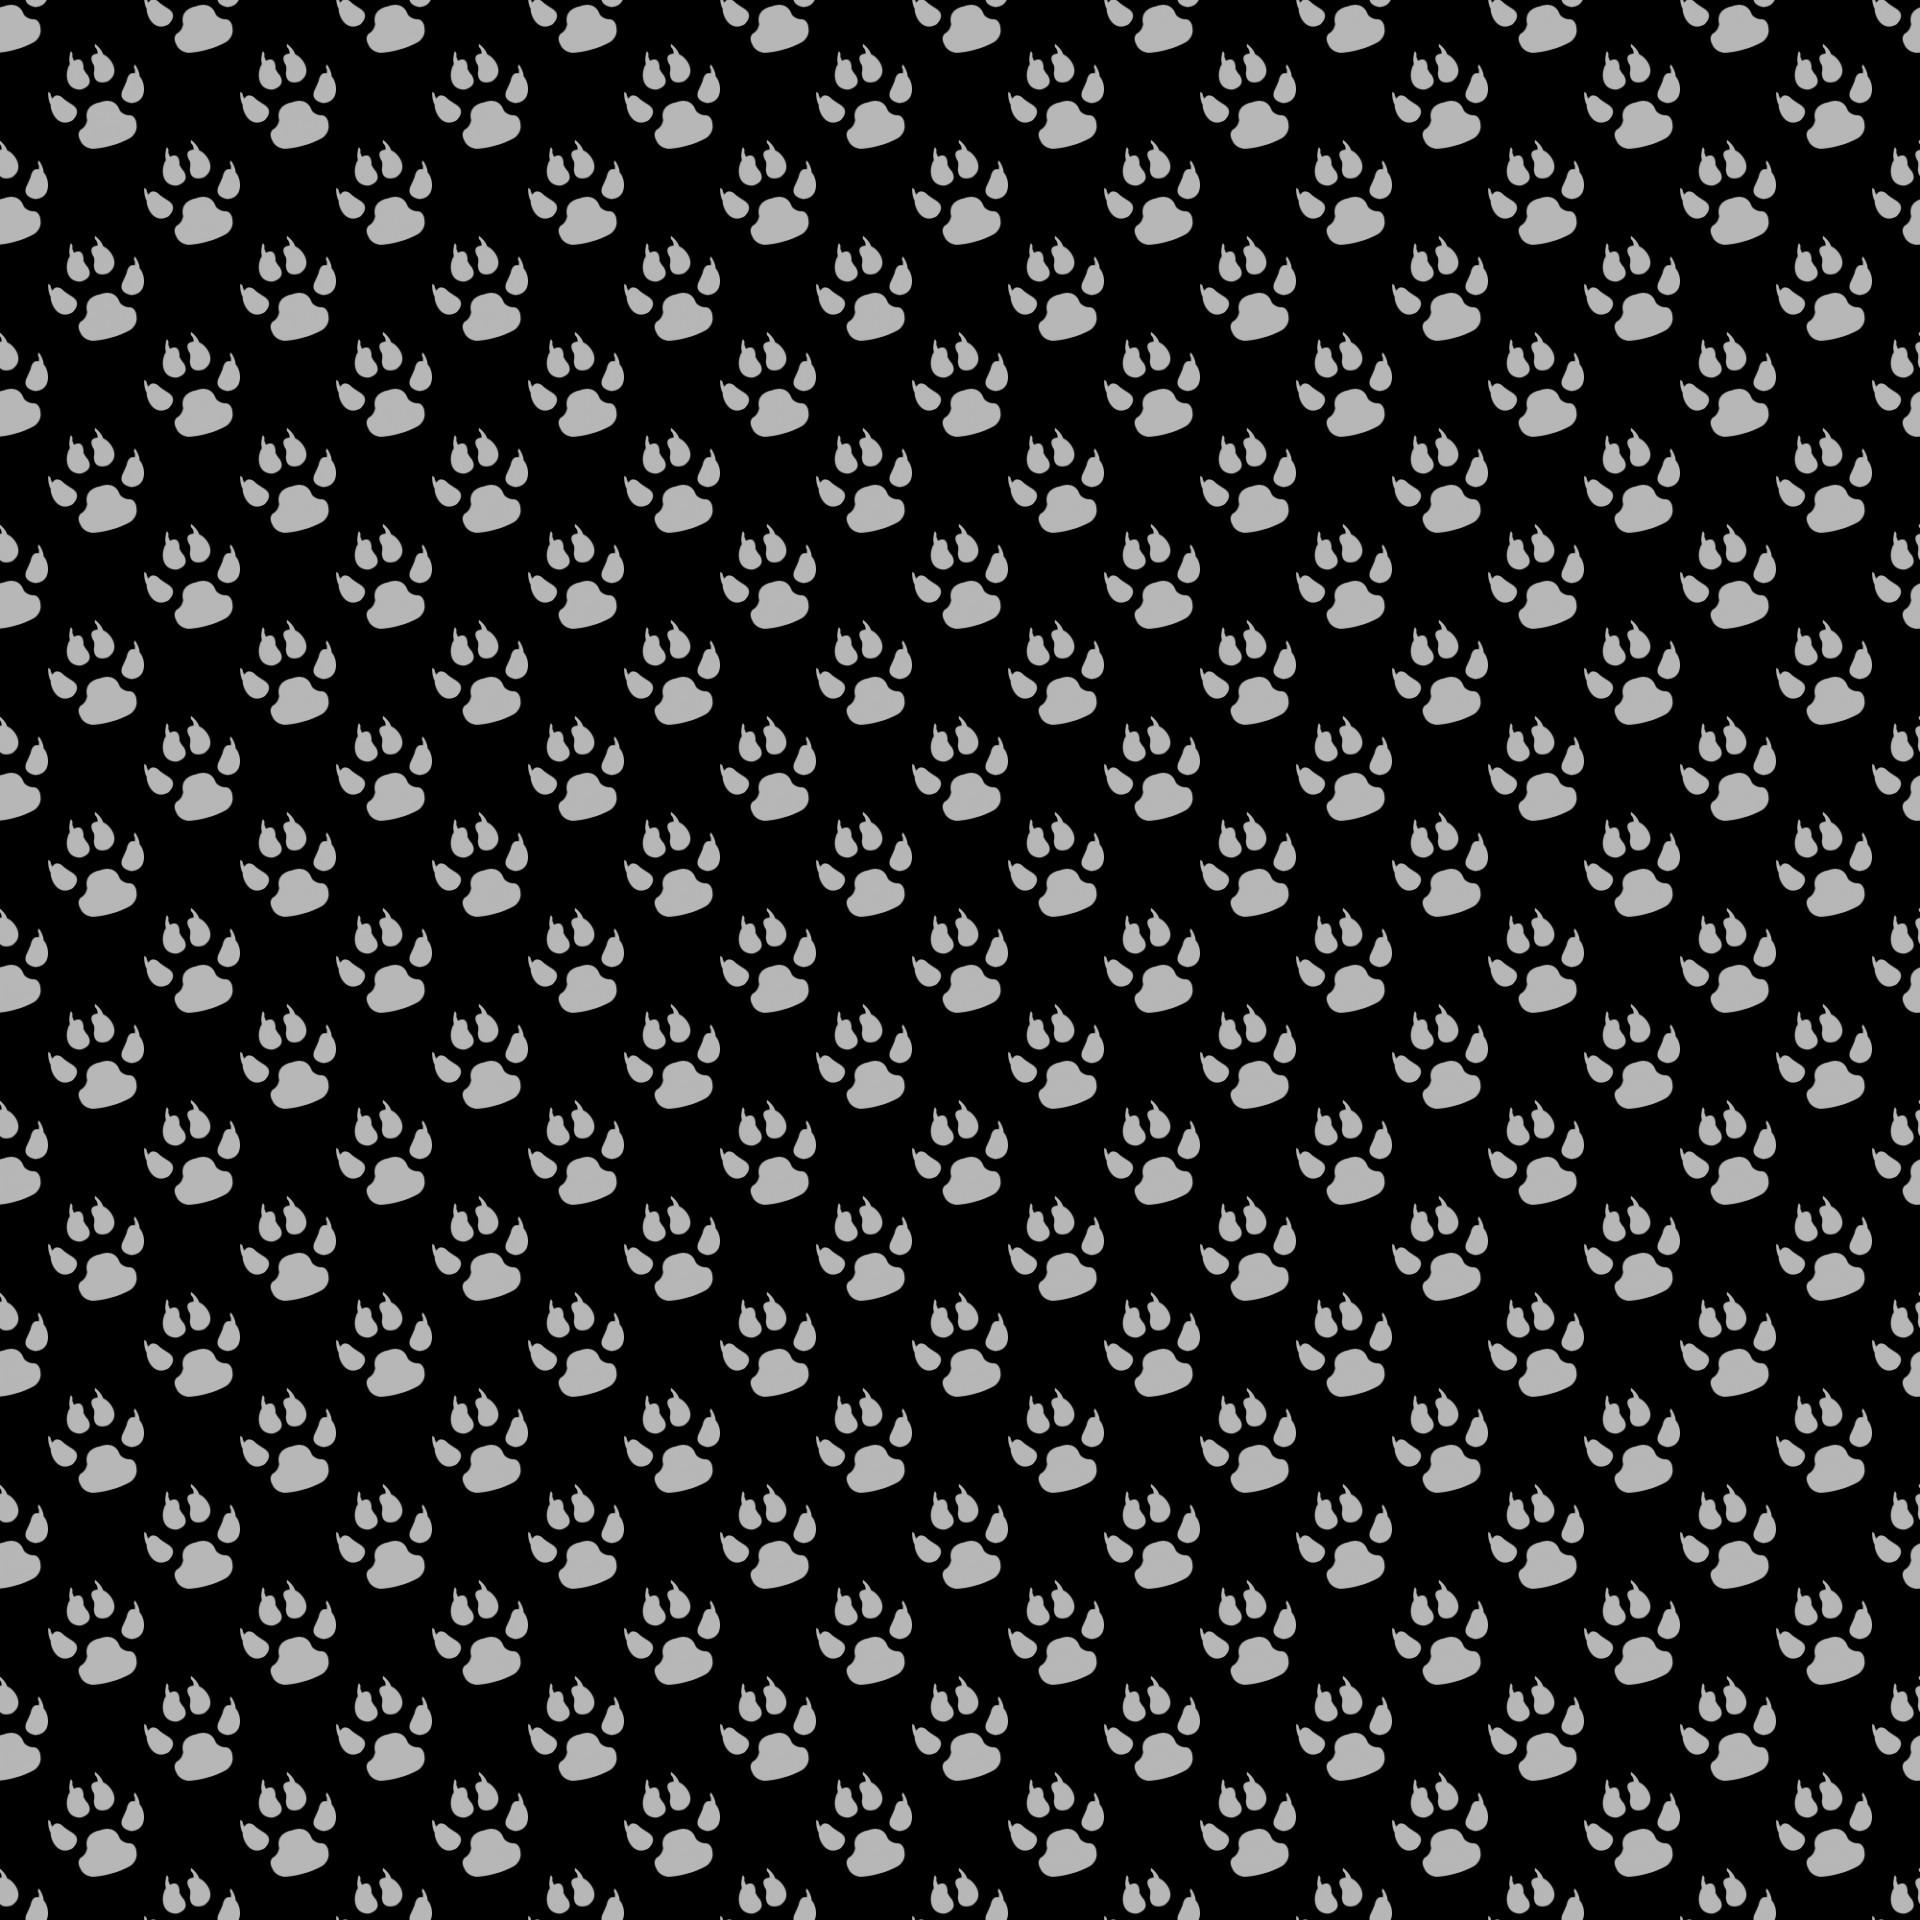 Paw Prints Wallpaper 1